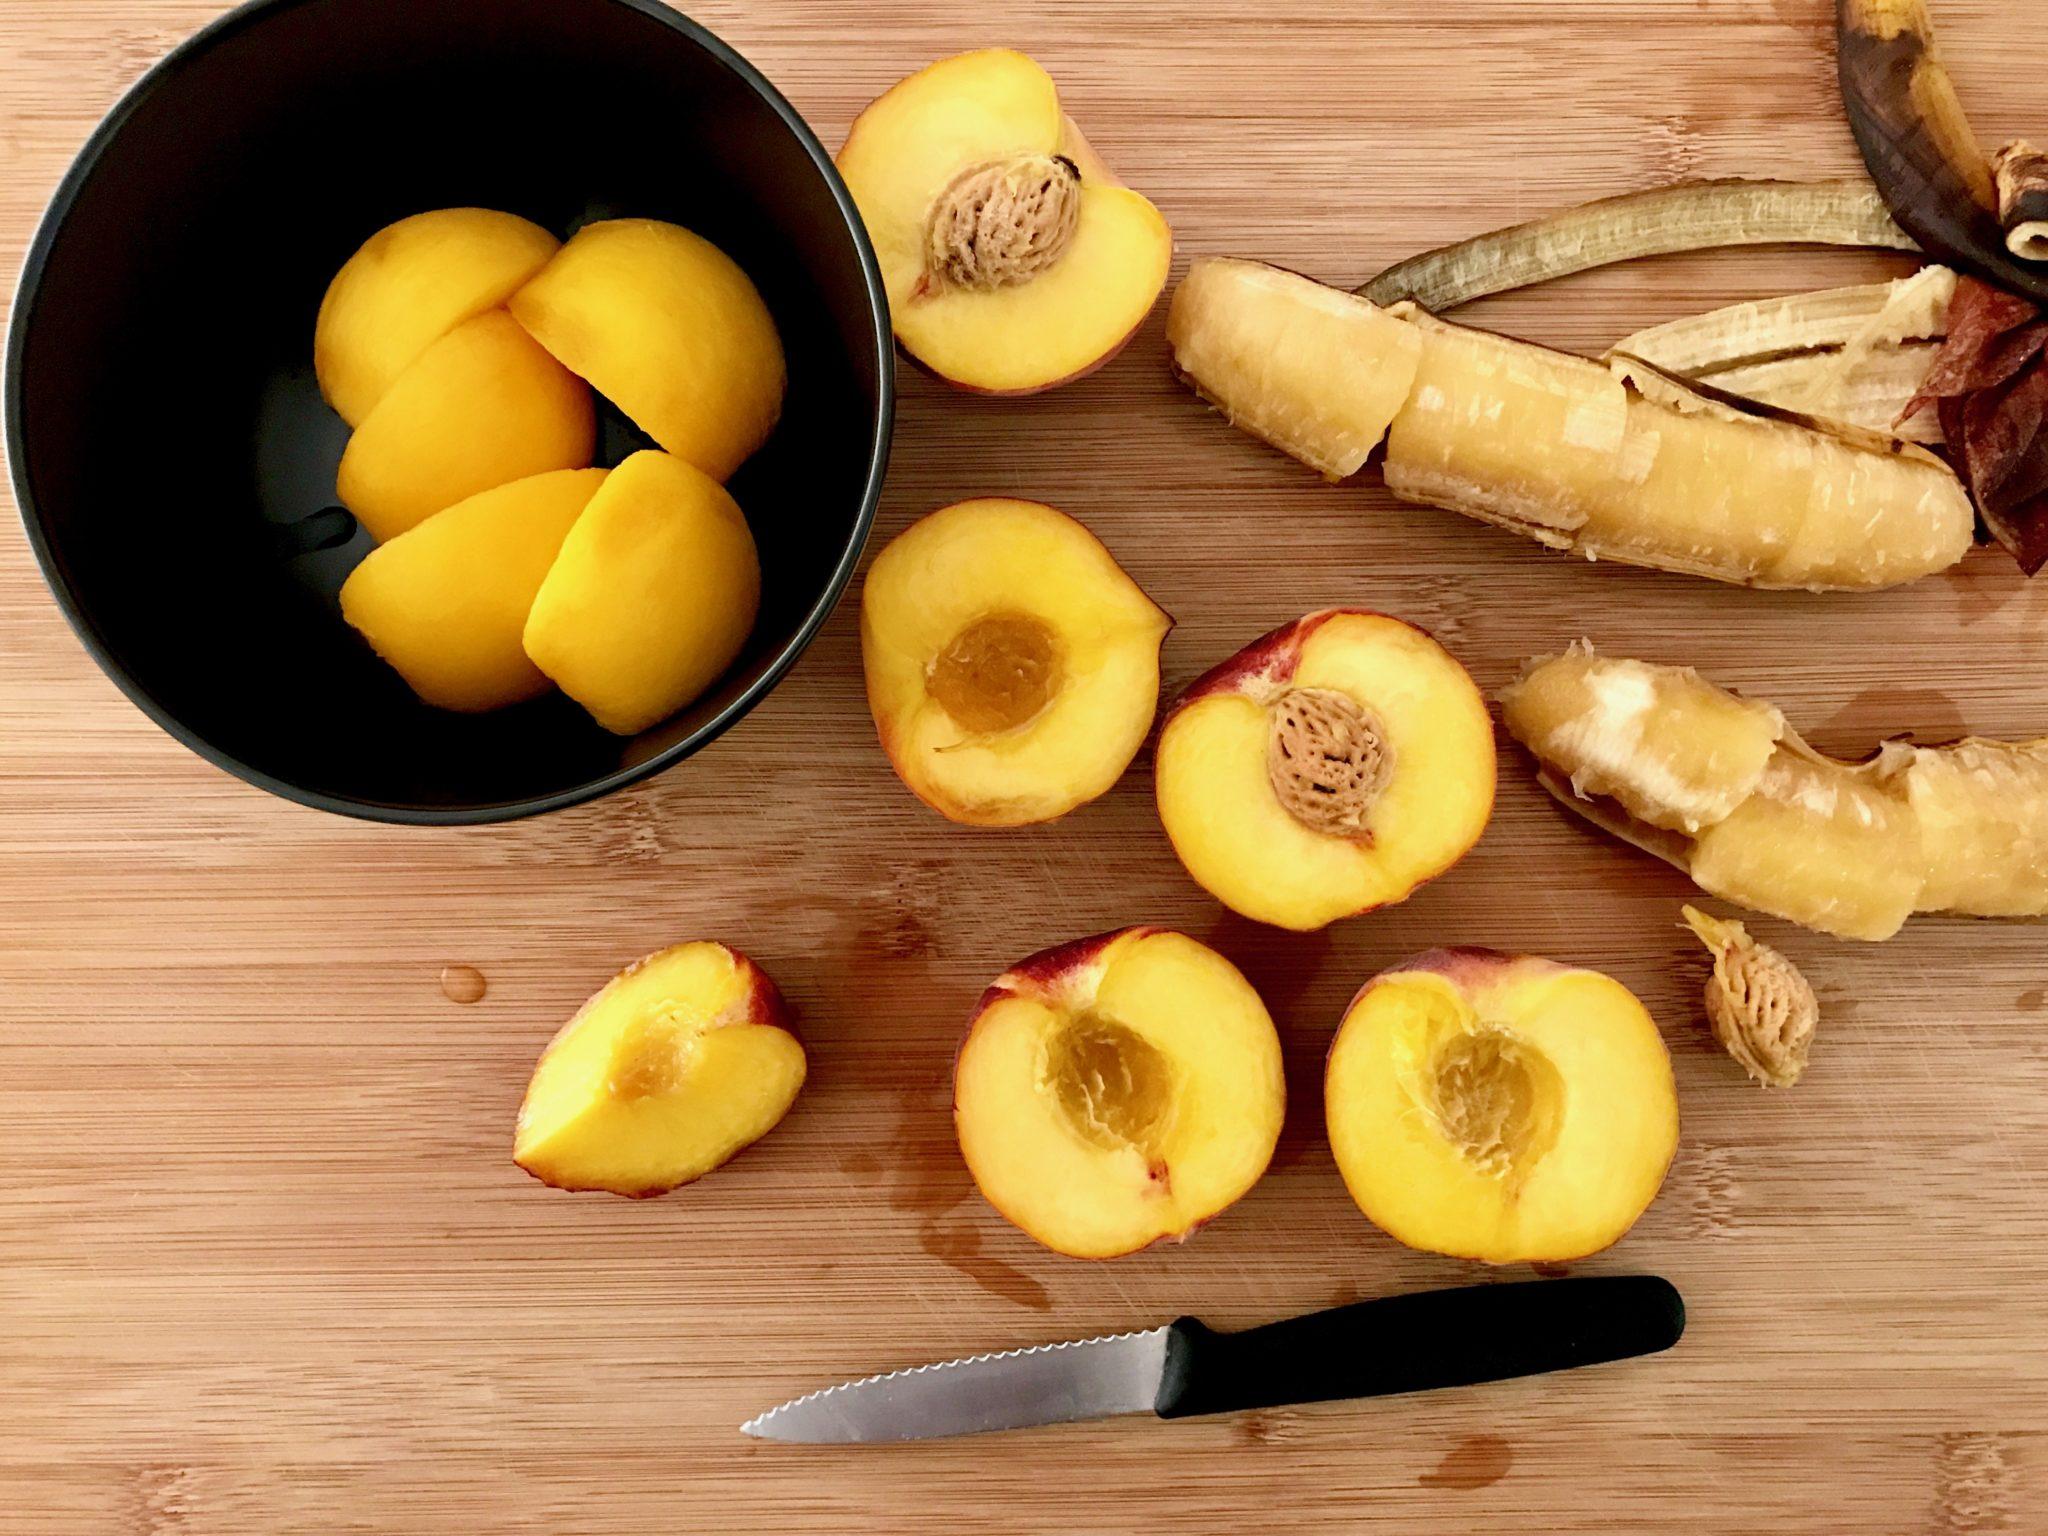 stewed peaches & nectarines